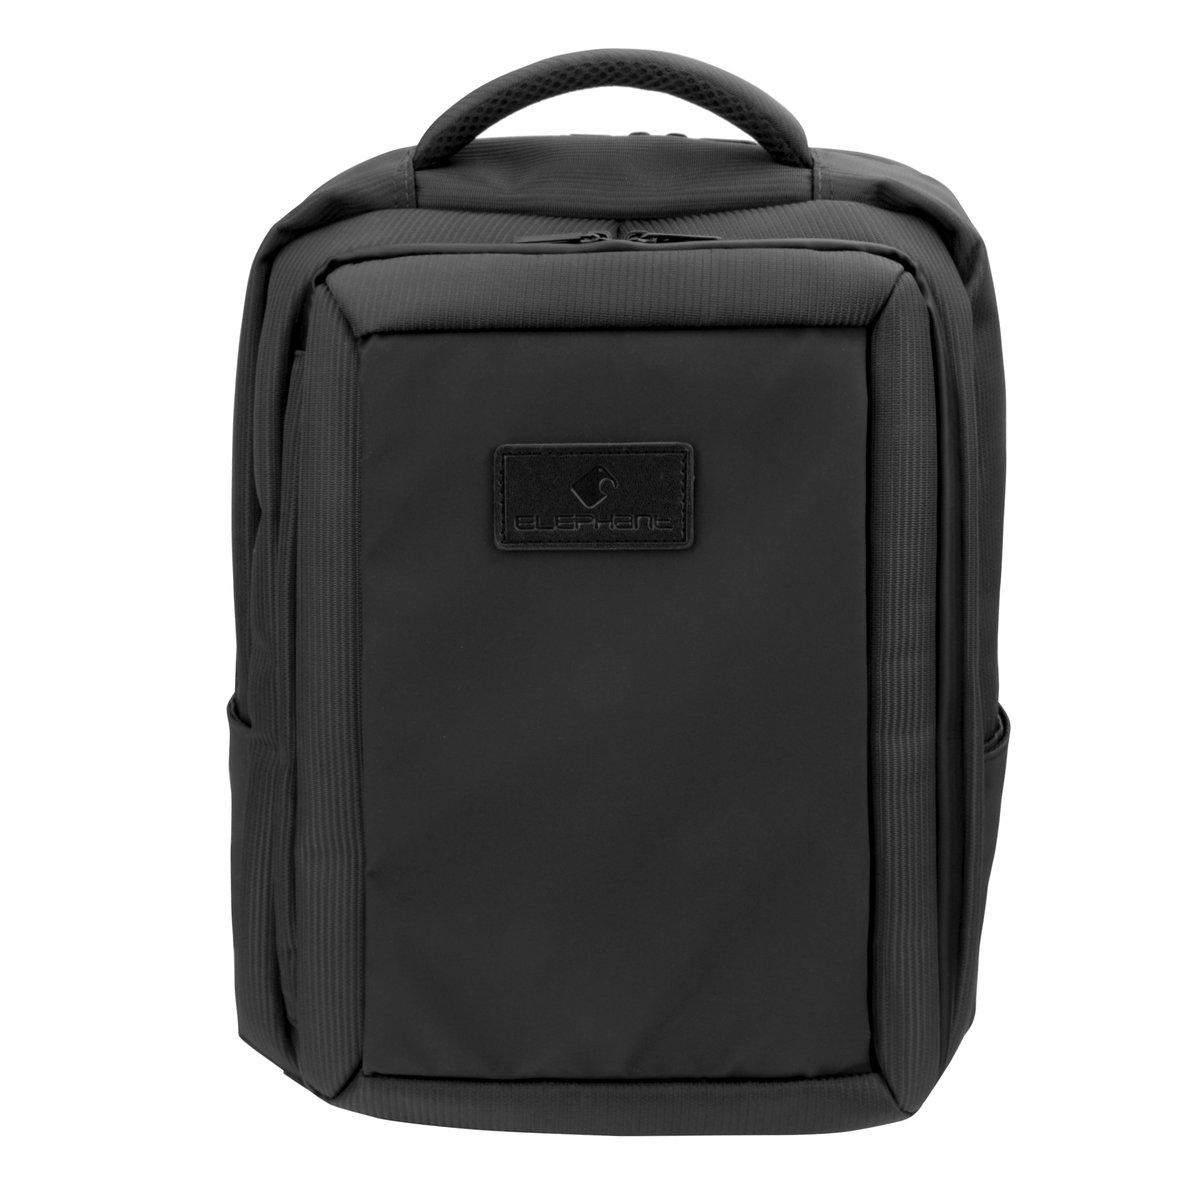 BP-004-BK 防水拉鏈多用途背囊 電腦背囊 背囊 背包 書包 電腦袋 相機袋